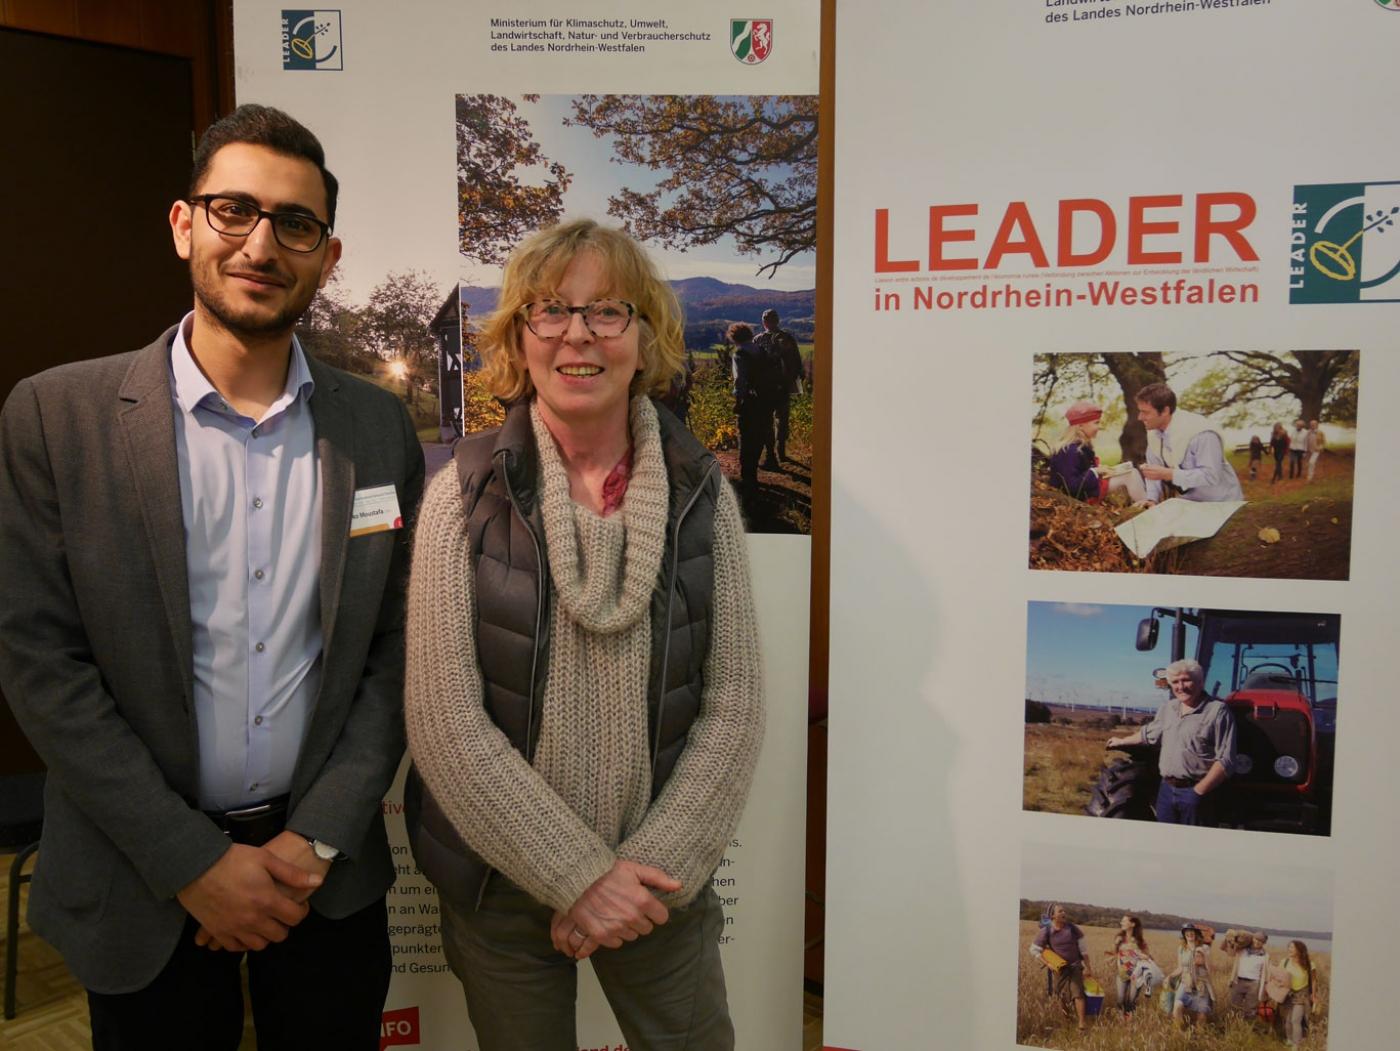 Internationales Netzwerktreffen zur Integration von Flüchtlingen im ländlichen Raum